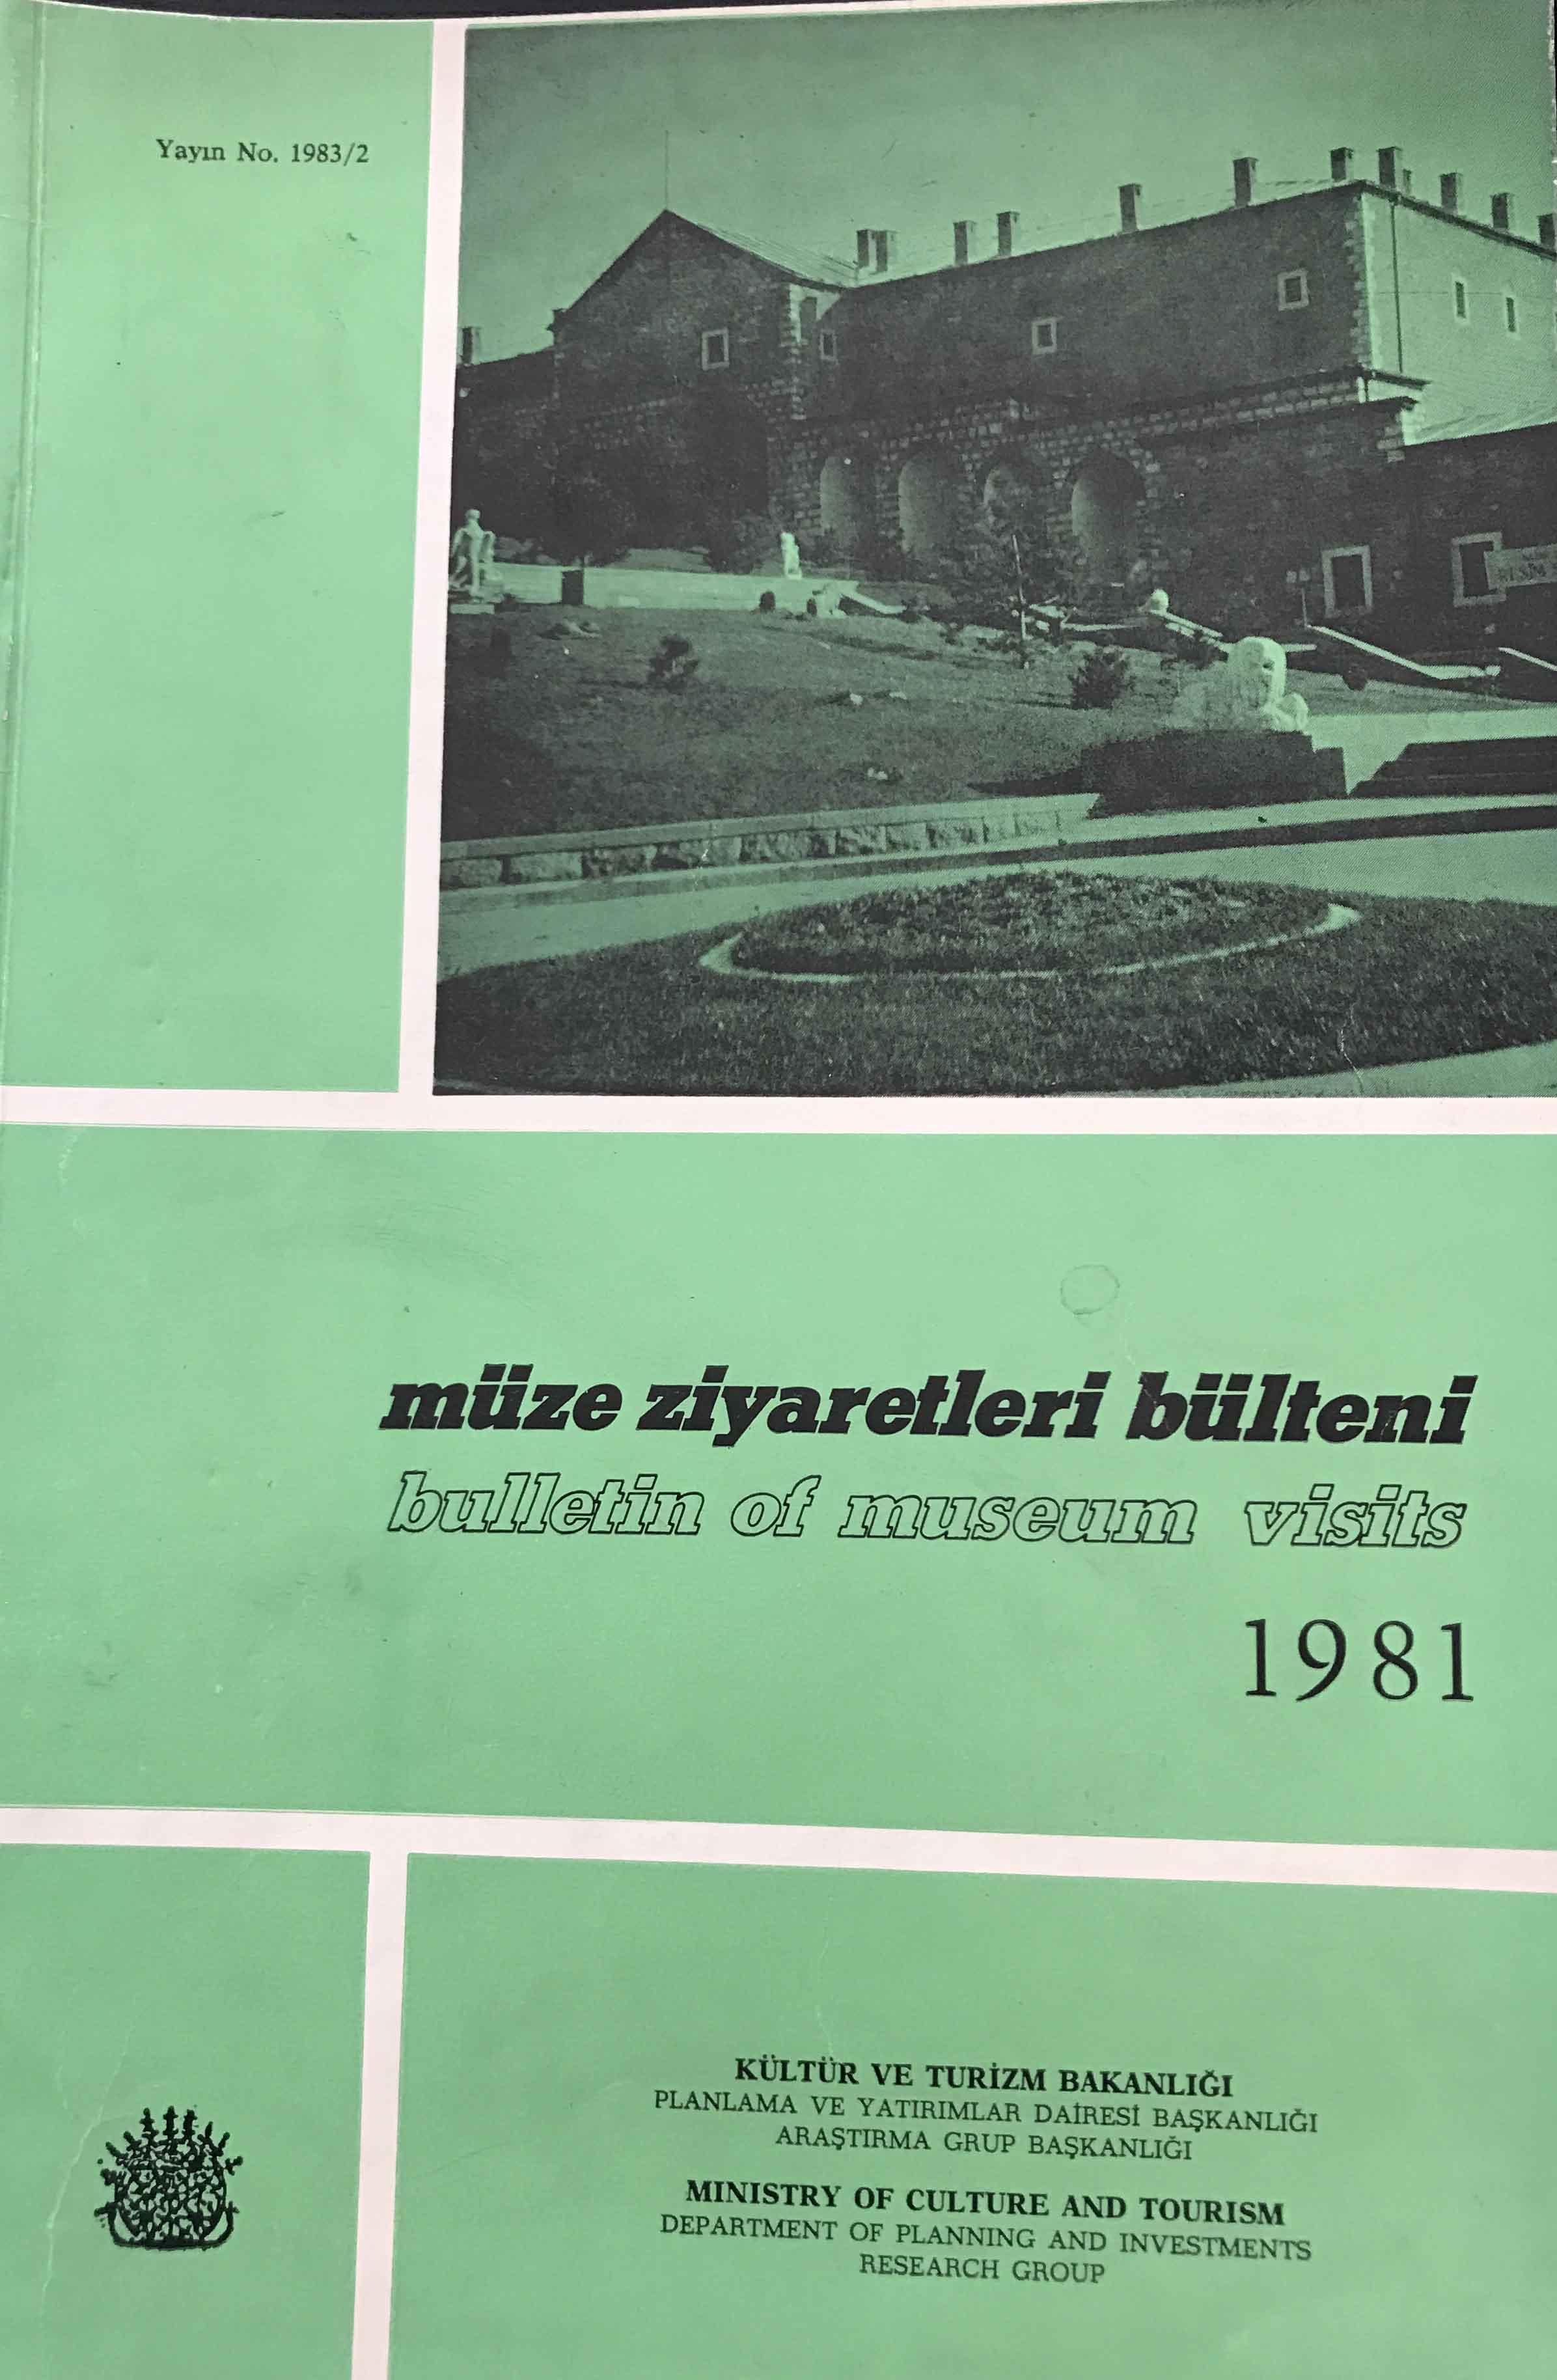 Müze Ziyaretleri Bülteni 1981 Kitap Kapağı